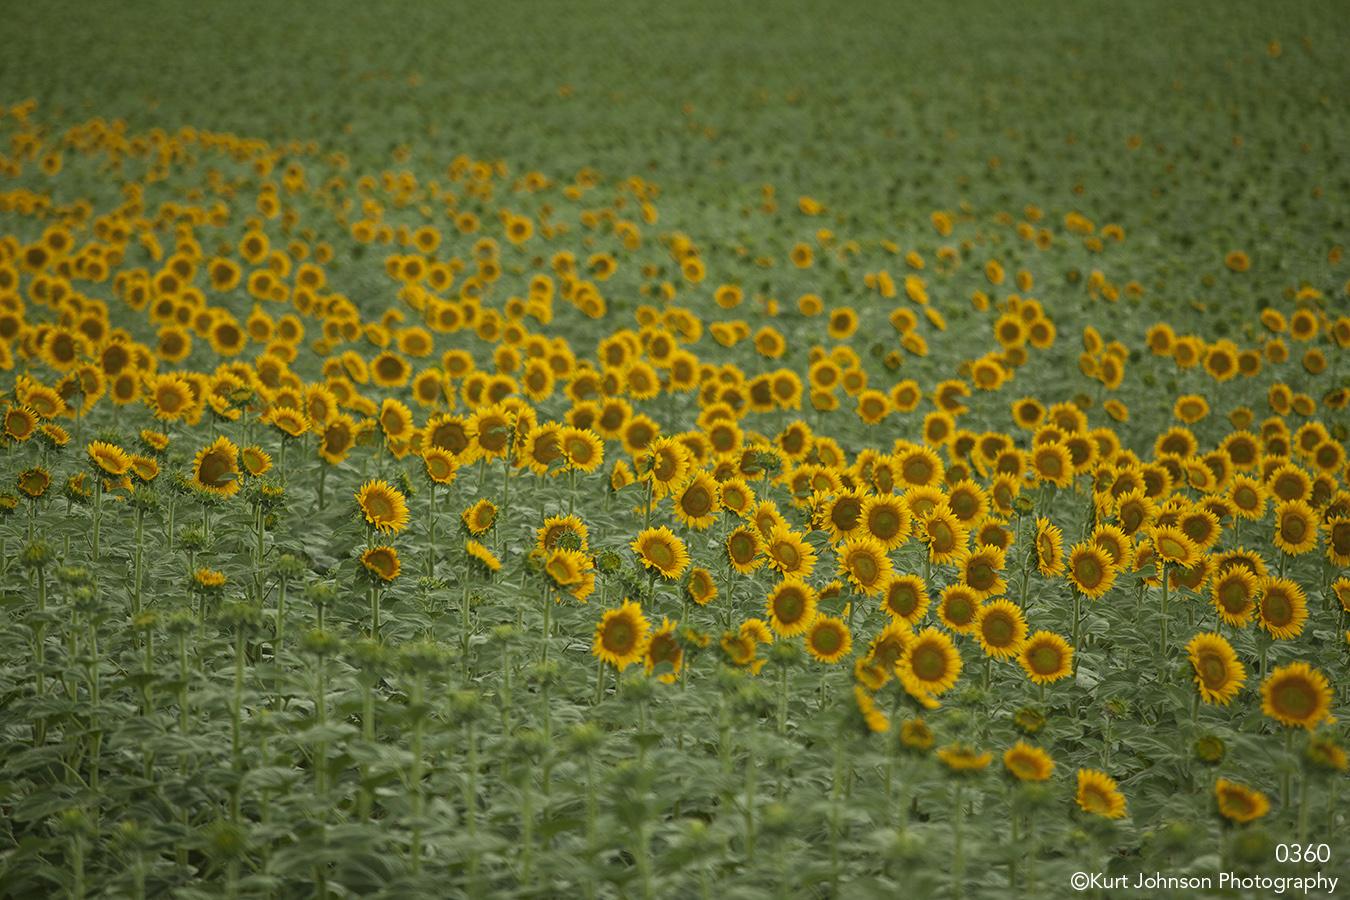 landscape flowers sunflowers green yellow field